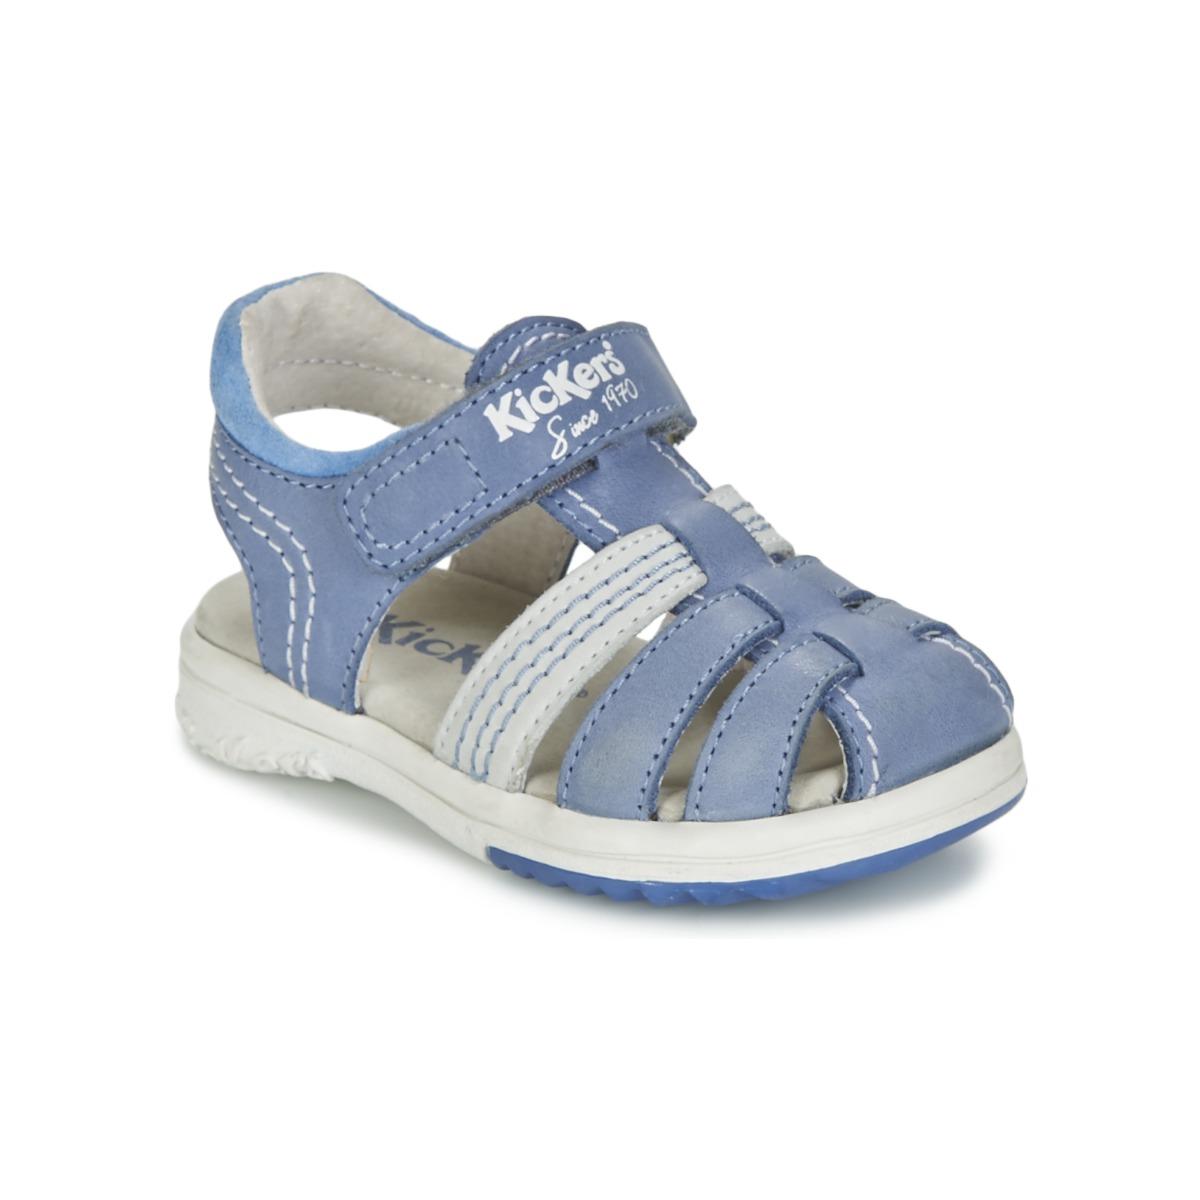 sandale kickers platinium bleu livraison gratuite avec chaussures enfant 58 99. Black Bedroom Furniture Sets. Home Design Ideas